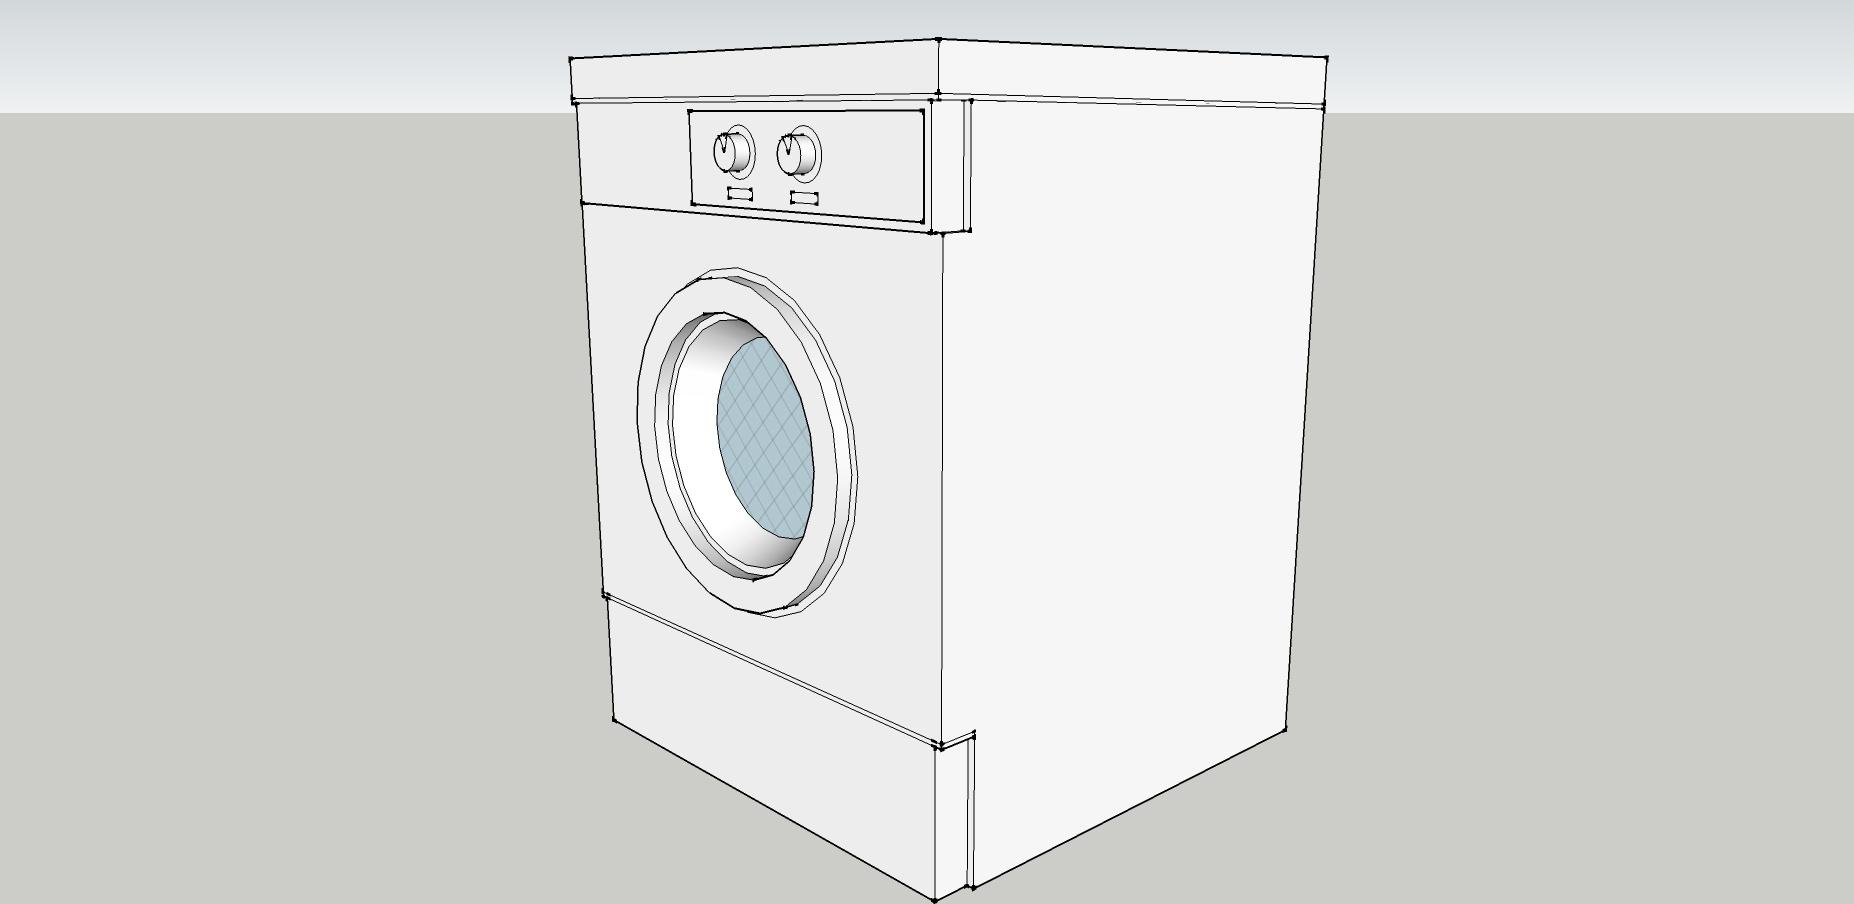 手工制作大全图片洗衣机